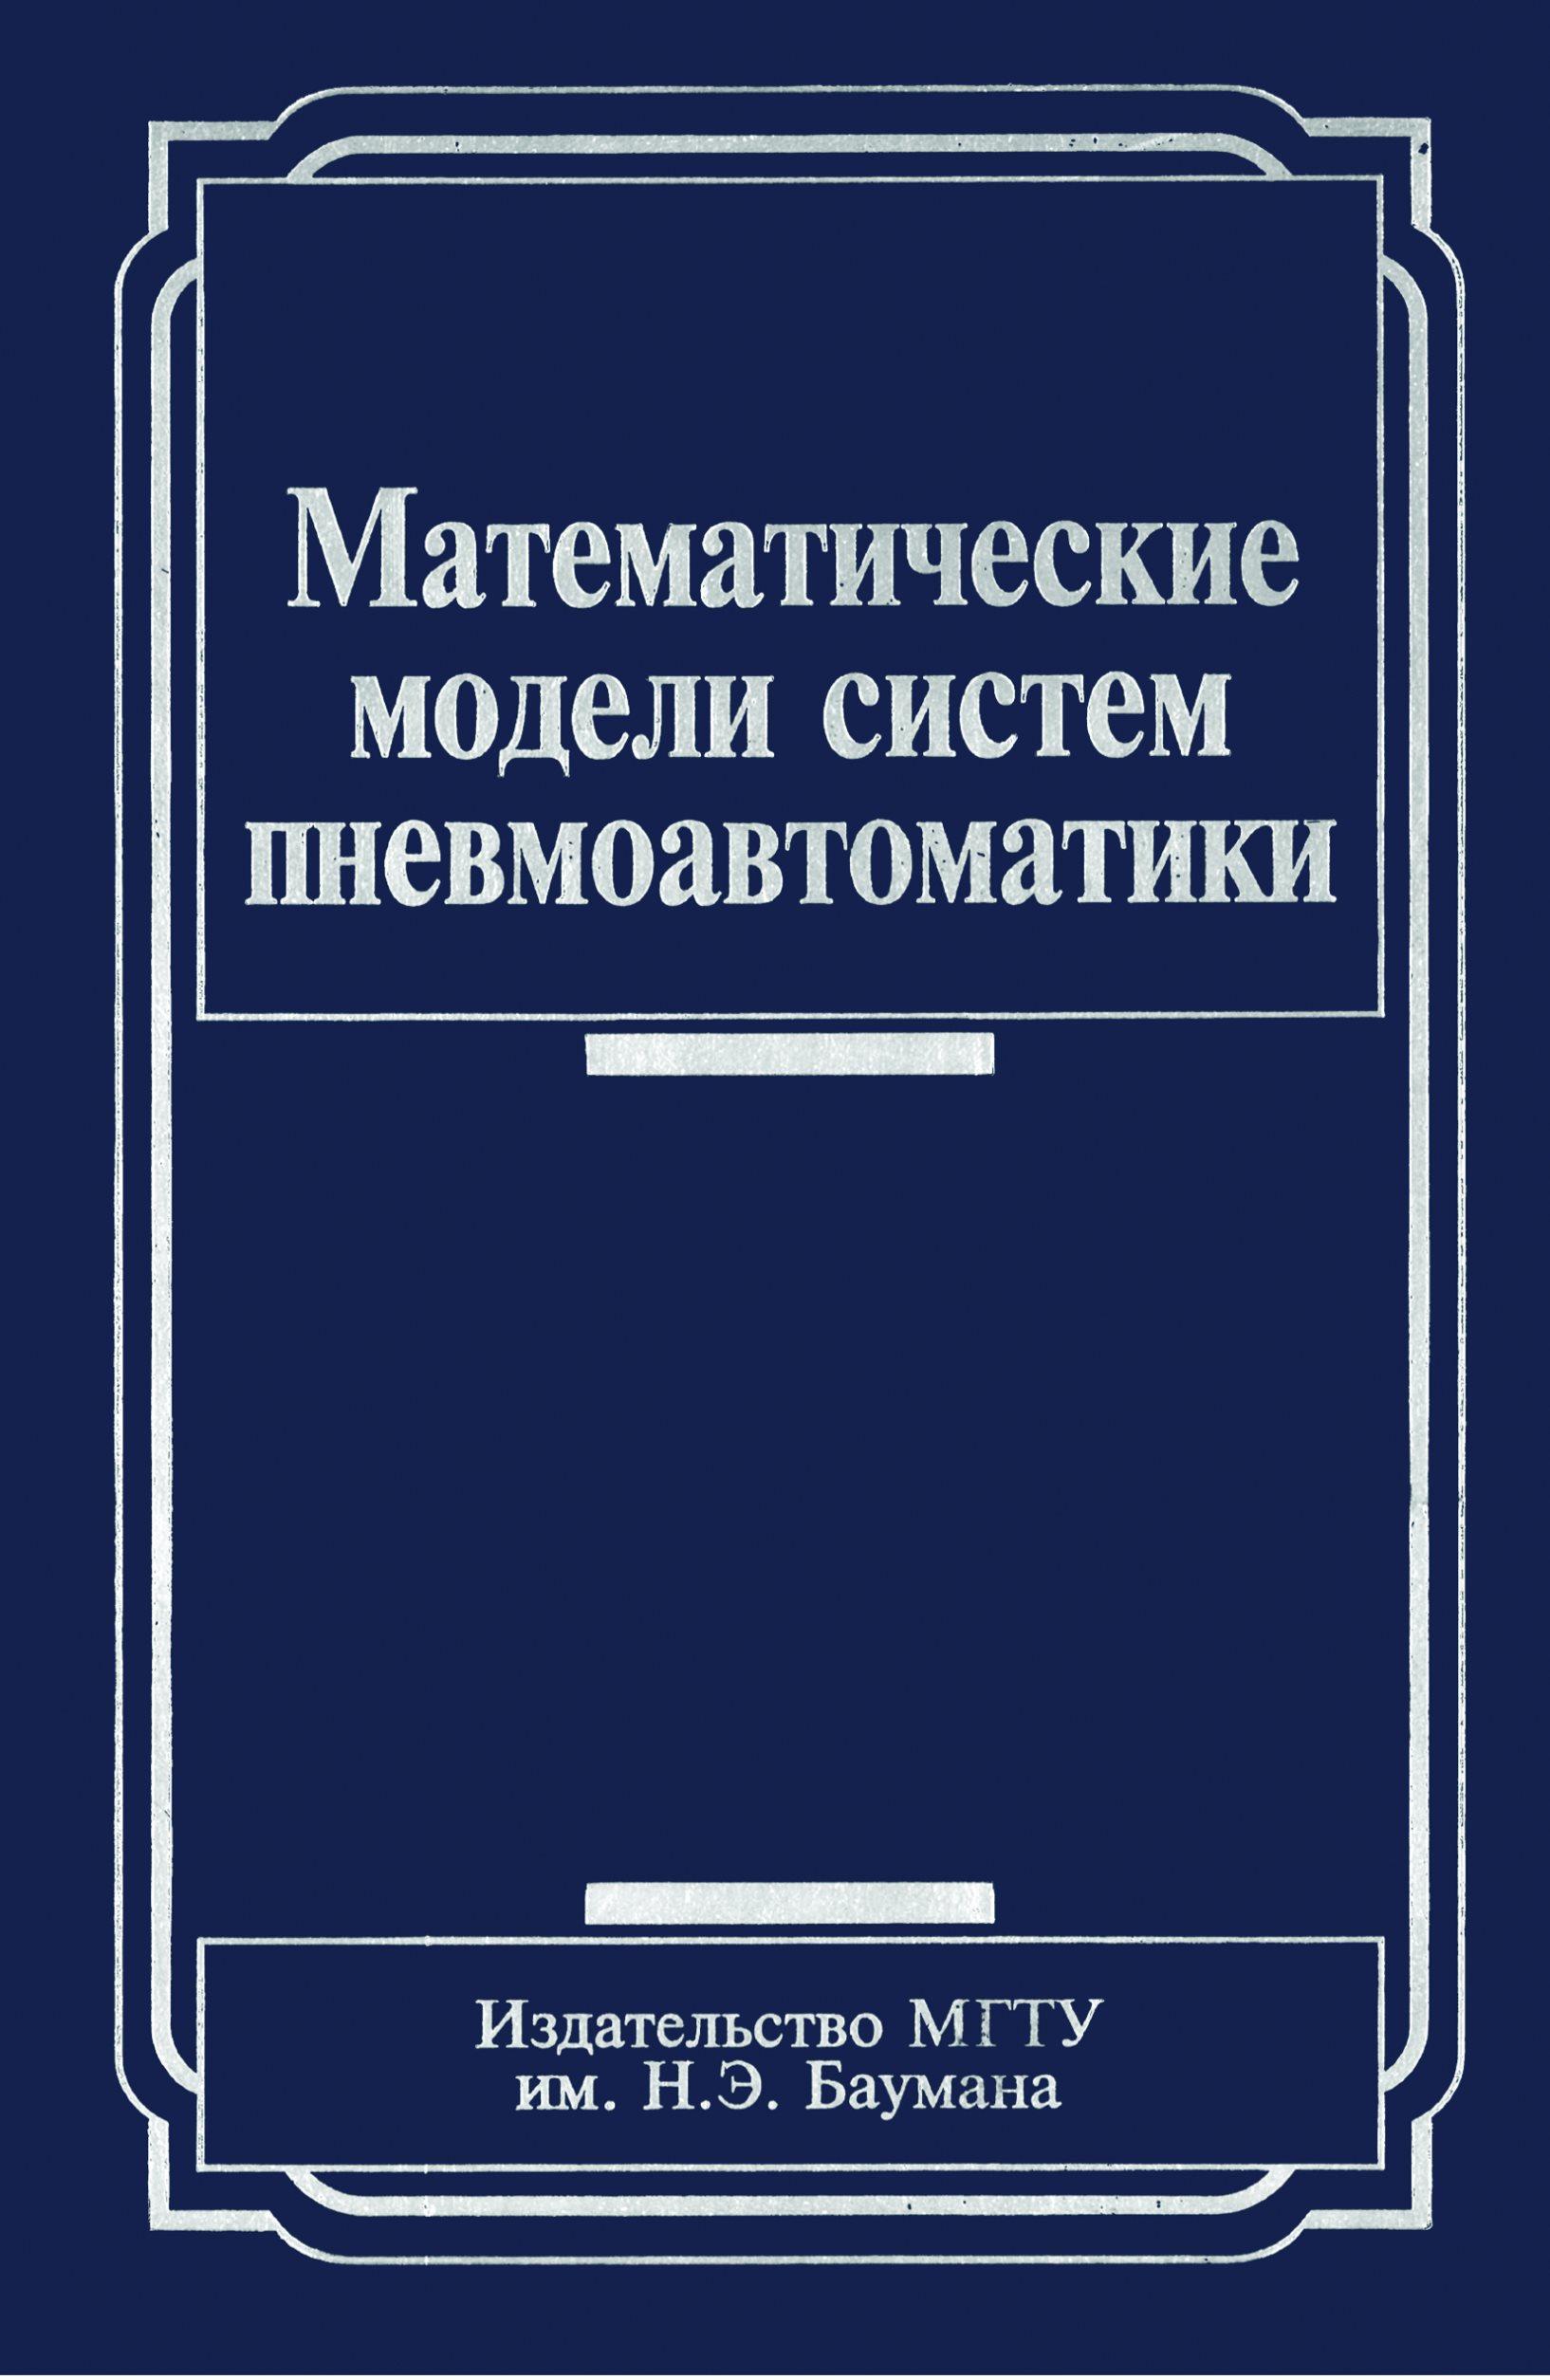 Юрий Арзуманов Математические модели систем пневмоавтоматики юрий пытьев возможность как альтернатива вероятности математические и эмпирические основы применение